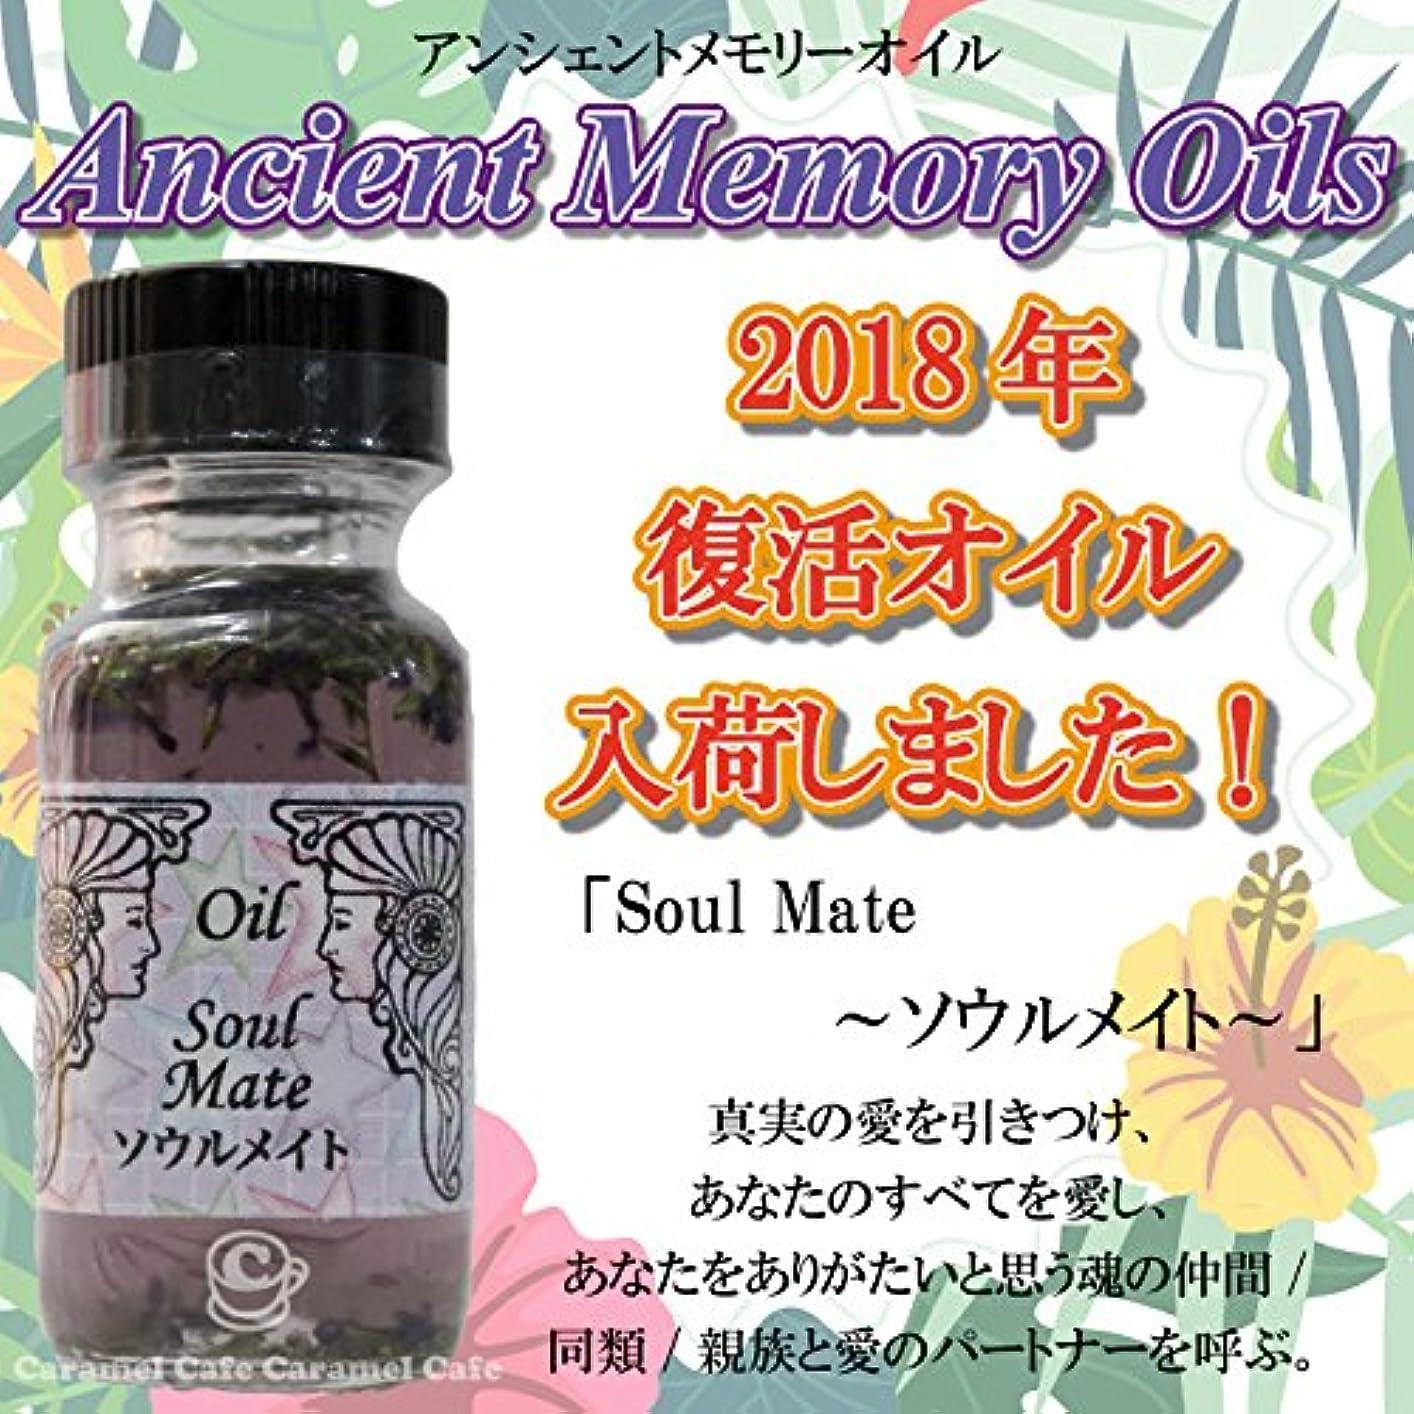 ゲートウェイ機密フライトアンシェントメモリーオイル ソウルメイト 2018年復活 Soul Mate~魂の仲間